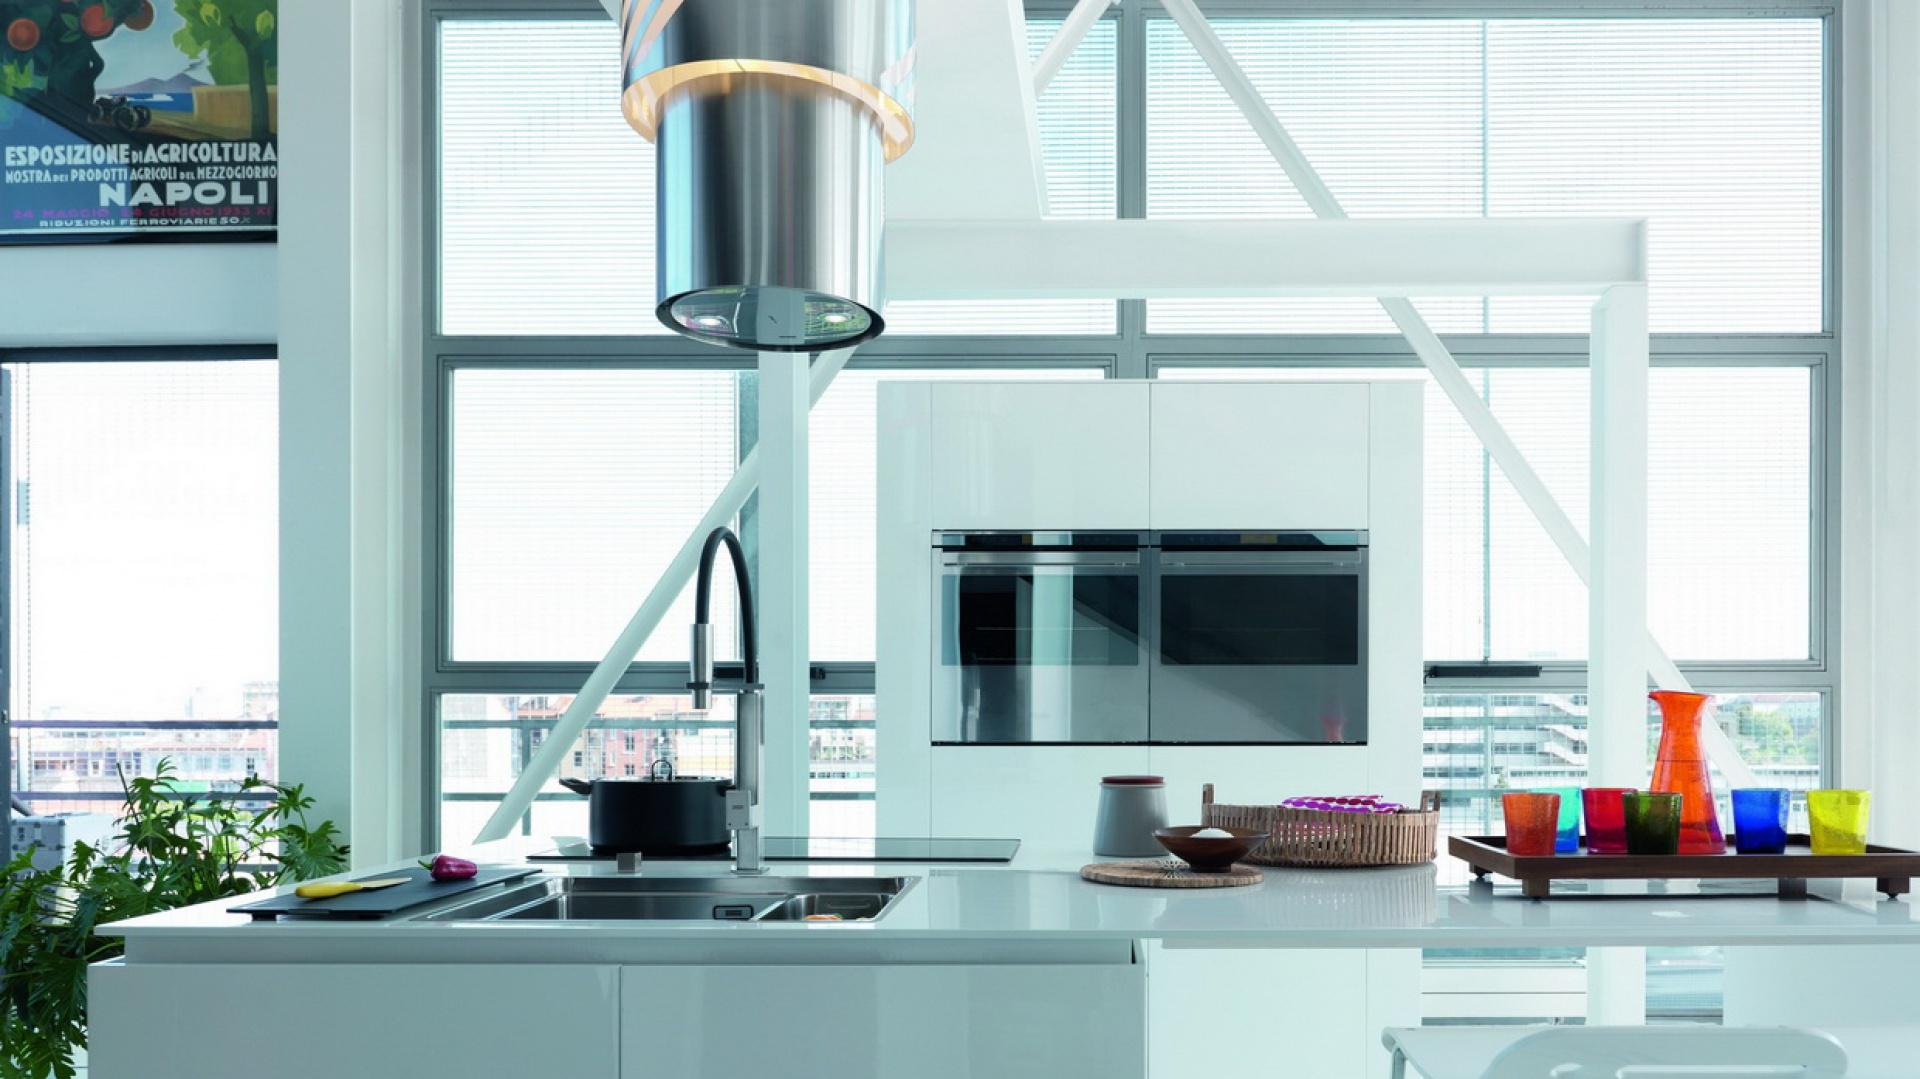 Okap wyspowy UP&DOWN firmy Franke sterowany elektronicznie. Pracuje w czterech trybach, w tym intensywnym. Filtr aluminiowy można myć w zmywarce. Idealnie doświetla powierzchnię roboczą blatu. Maksymalna wysokość po rozłożeniu 1310 mm. Fot. Franke.